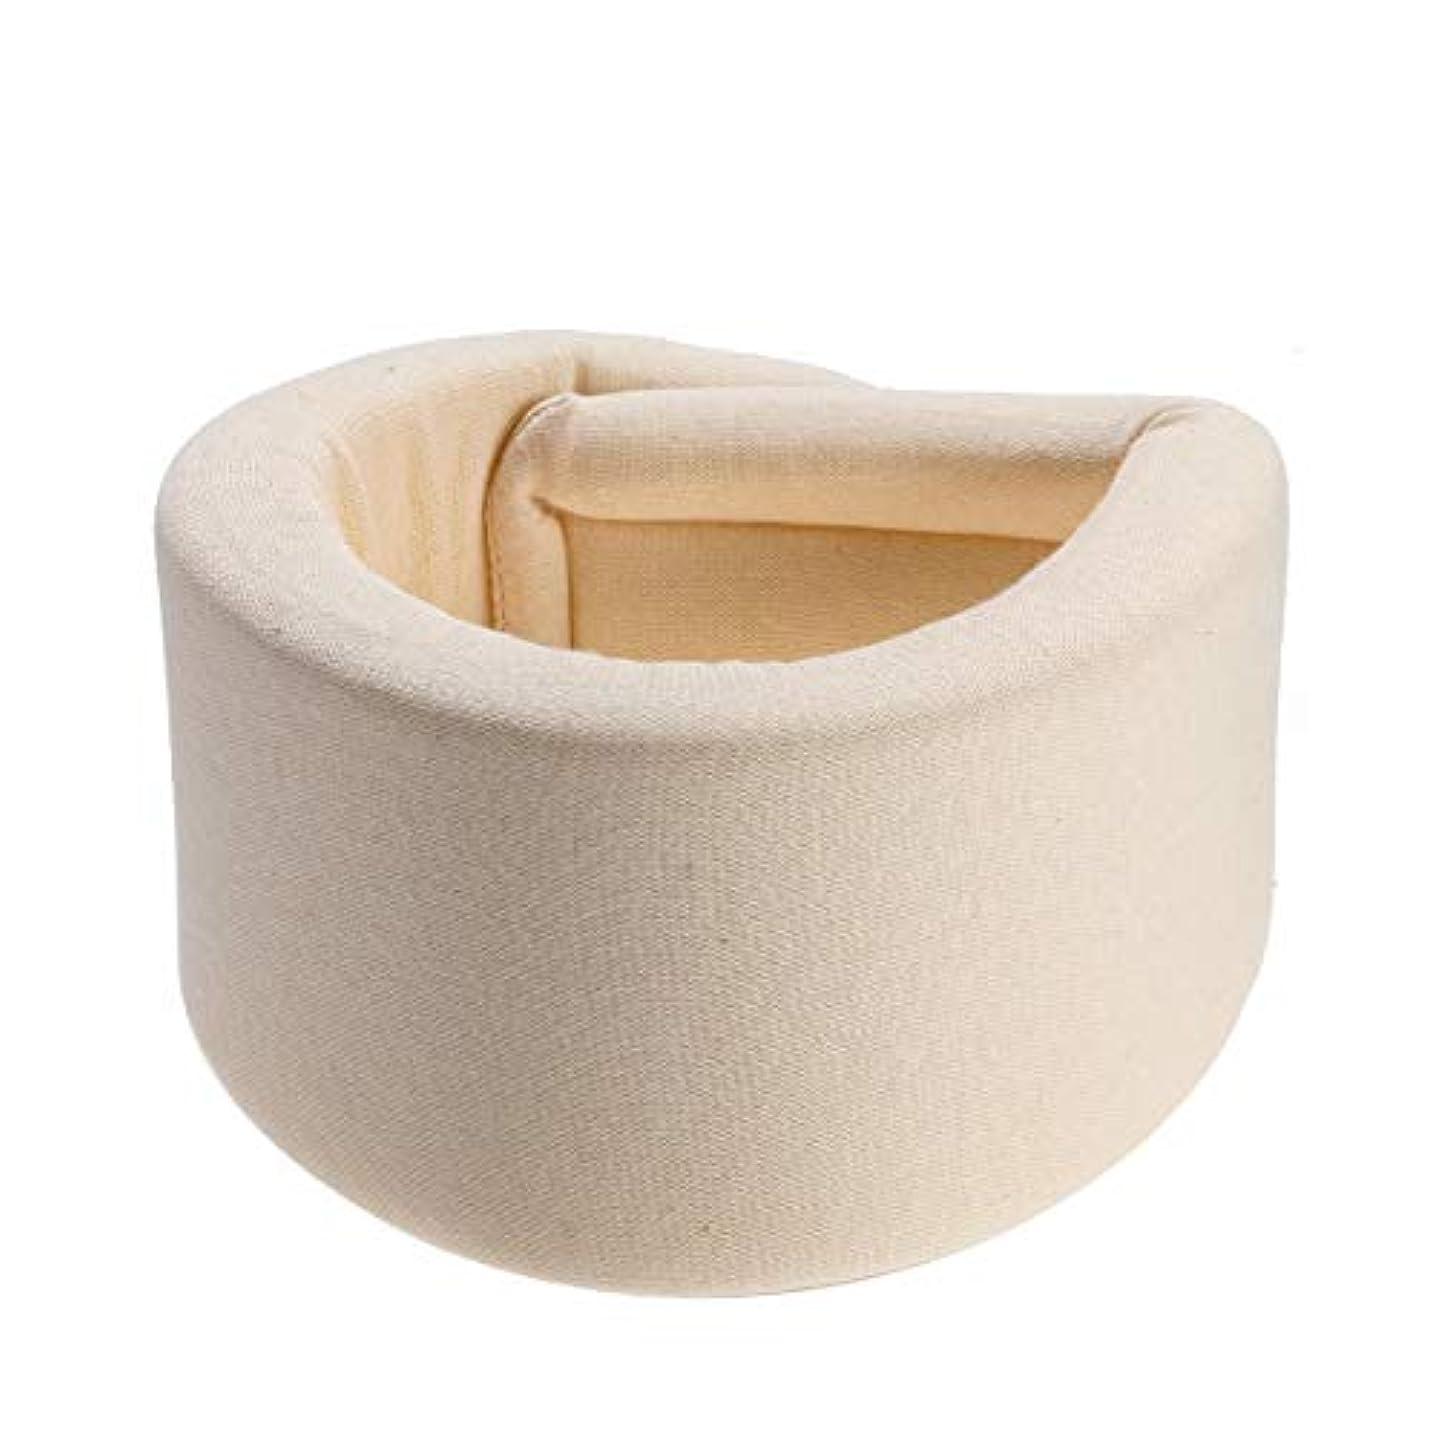 悲しむボイラーマウスピースHEALLILY 首装具サポートスポンジ頸部襟首の痛みを防ぐネックケア姿勢矯正器具(ベージュ) - サイズM